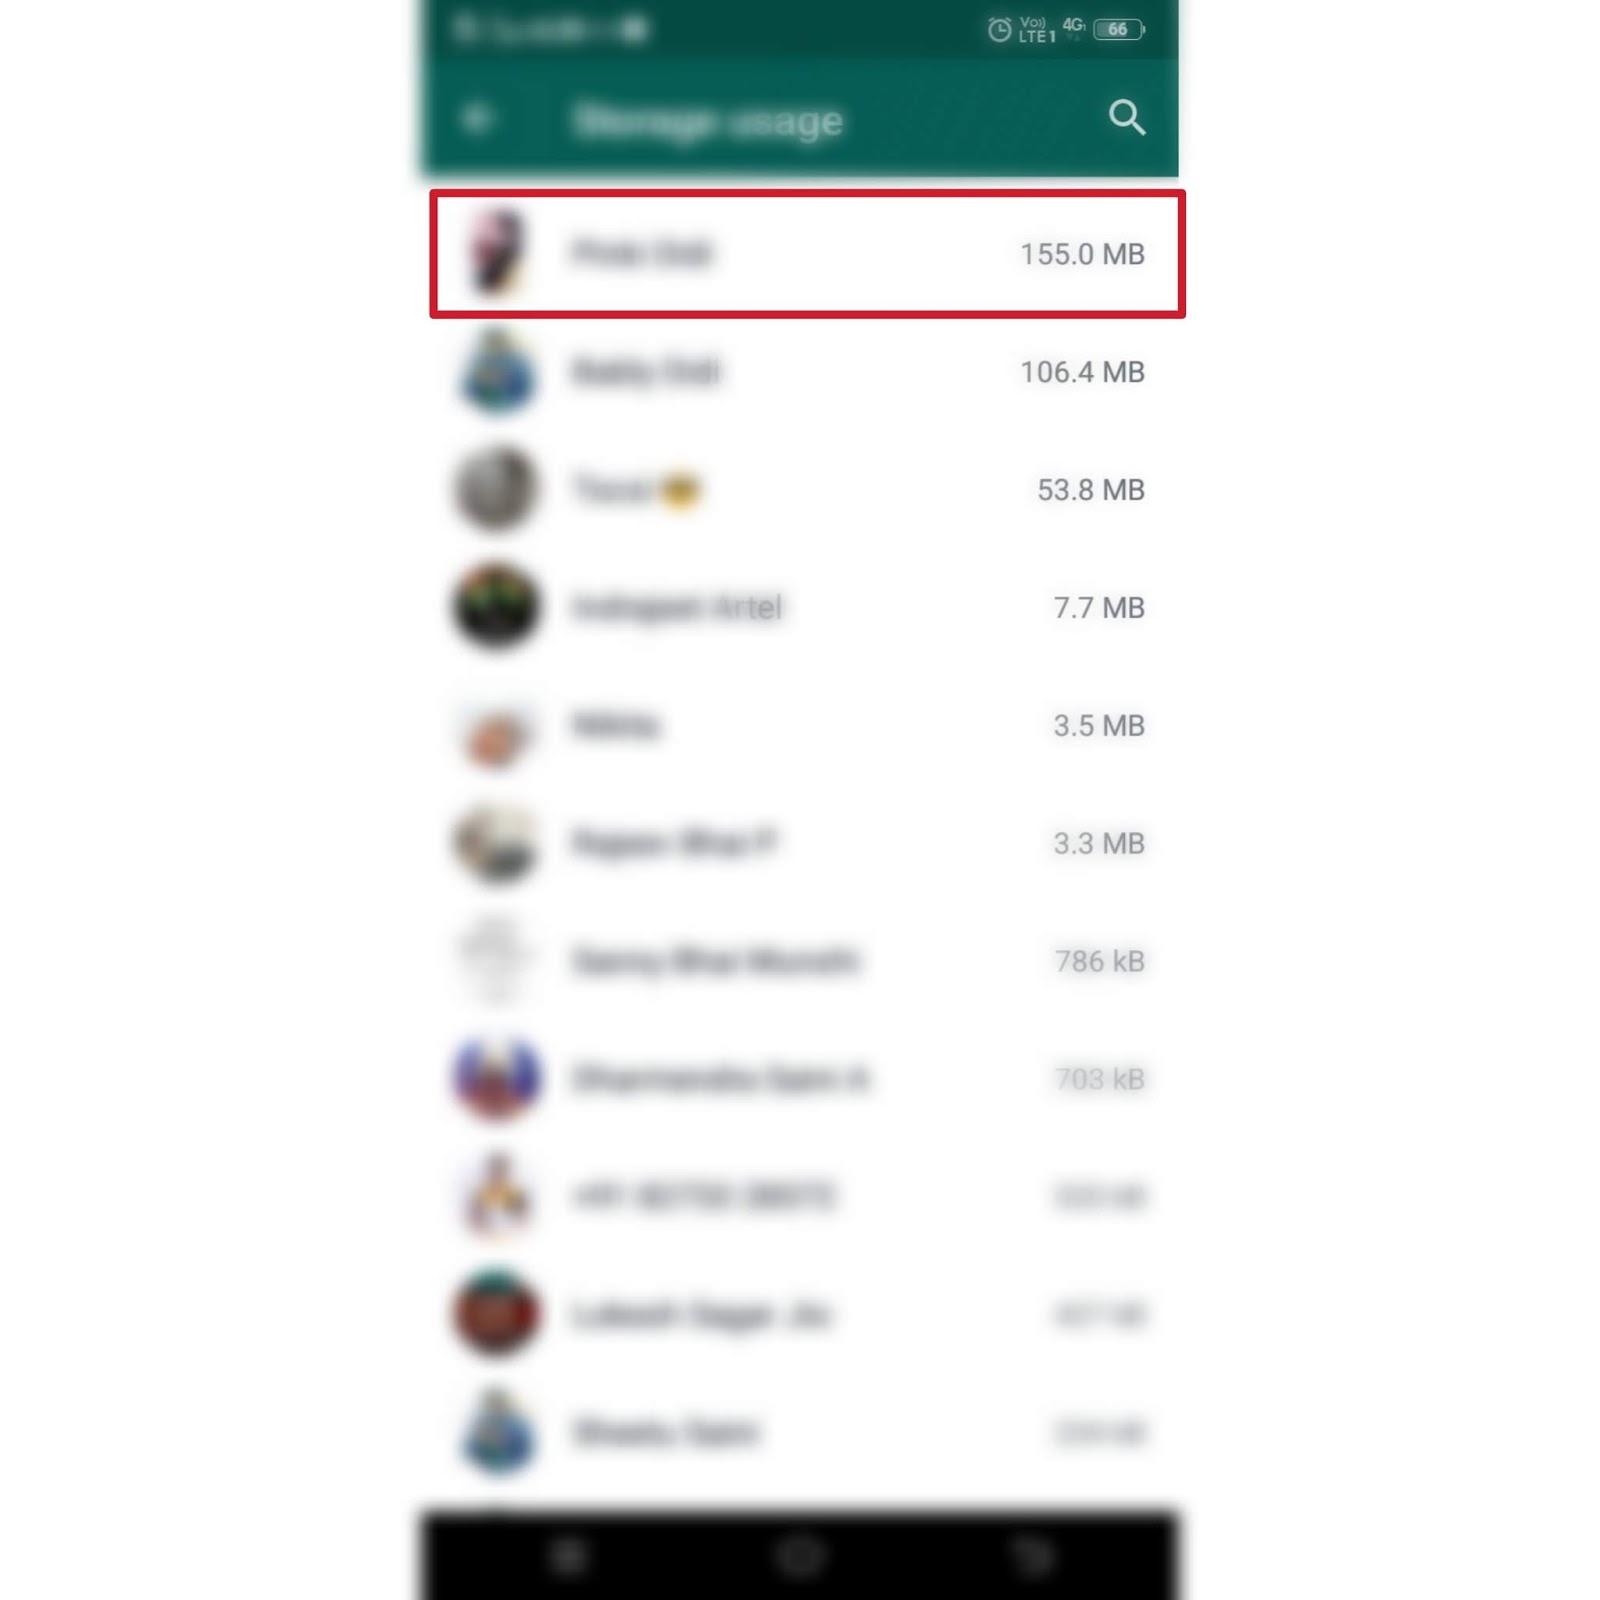 WhatsApp पर किसके साथ करते हैं सबसे ज्यादा चैटिंग